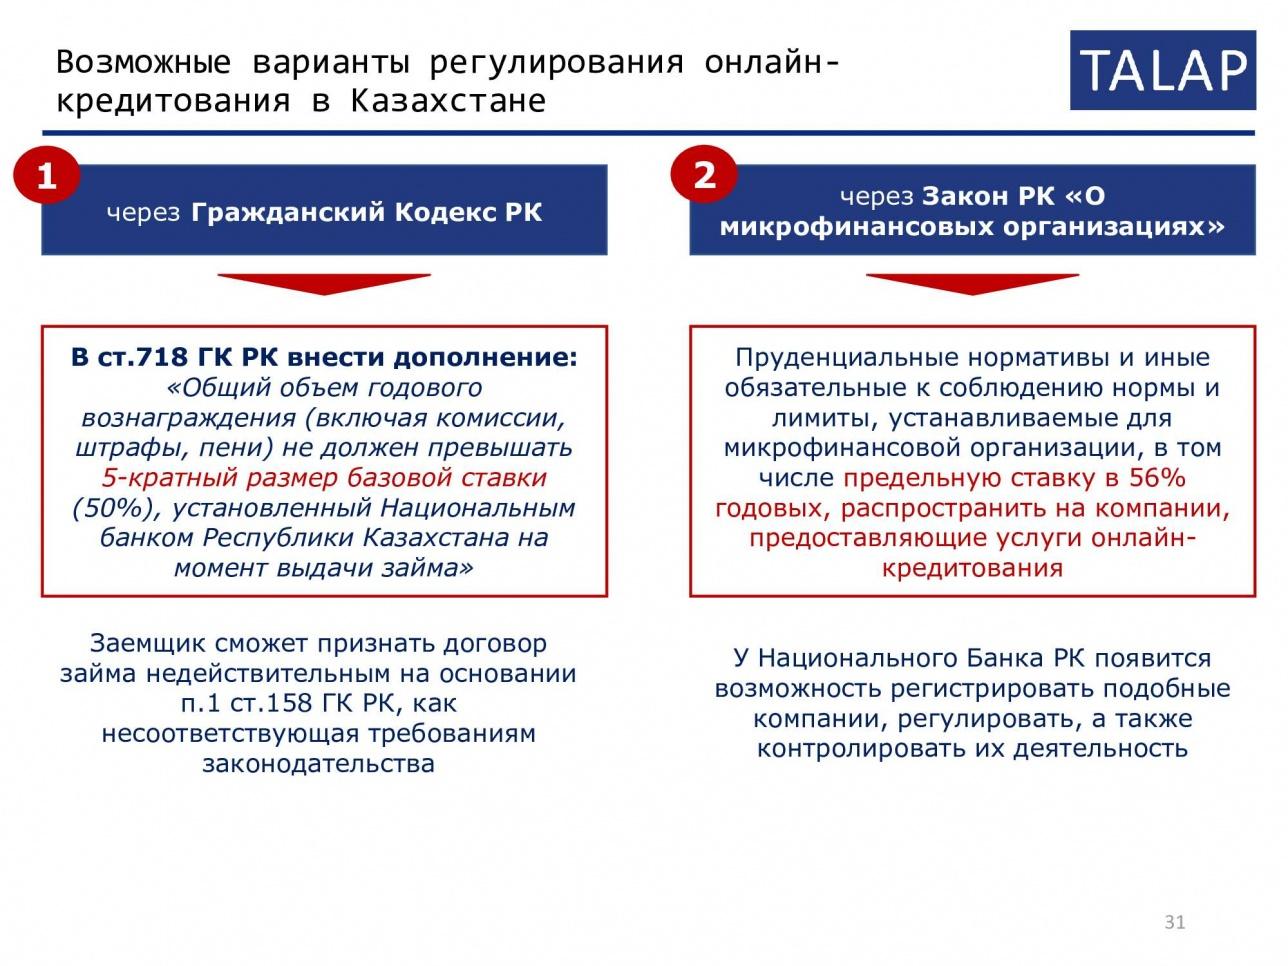 """Предложения центра """"Талап"""" по регулированию онлайн-микрозаймов"""